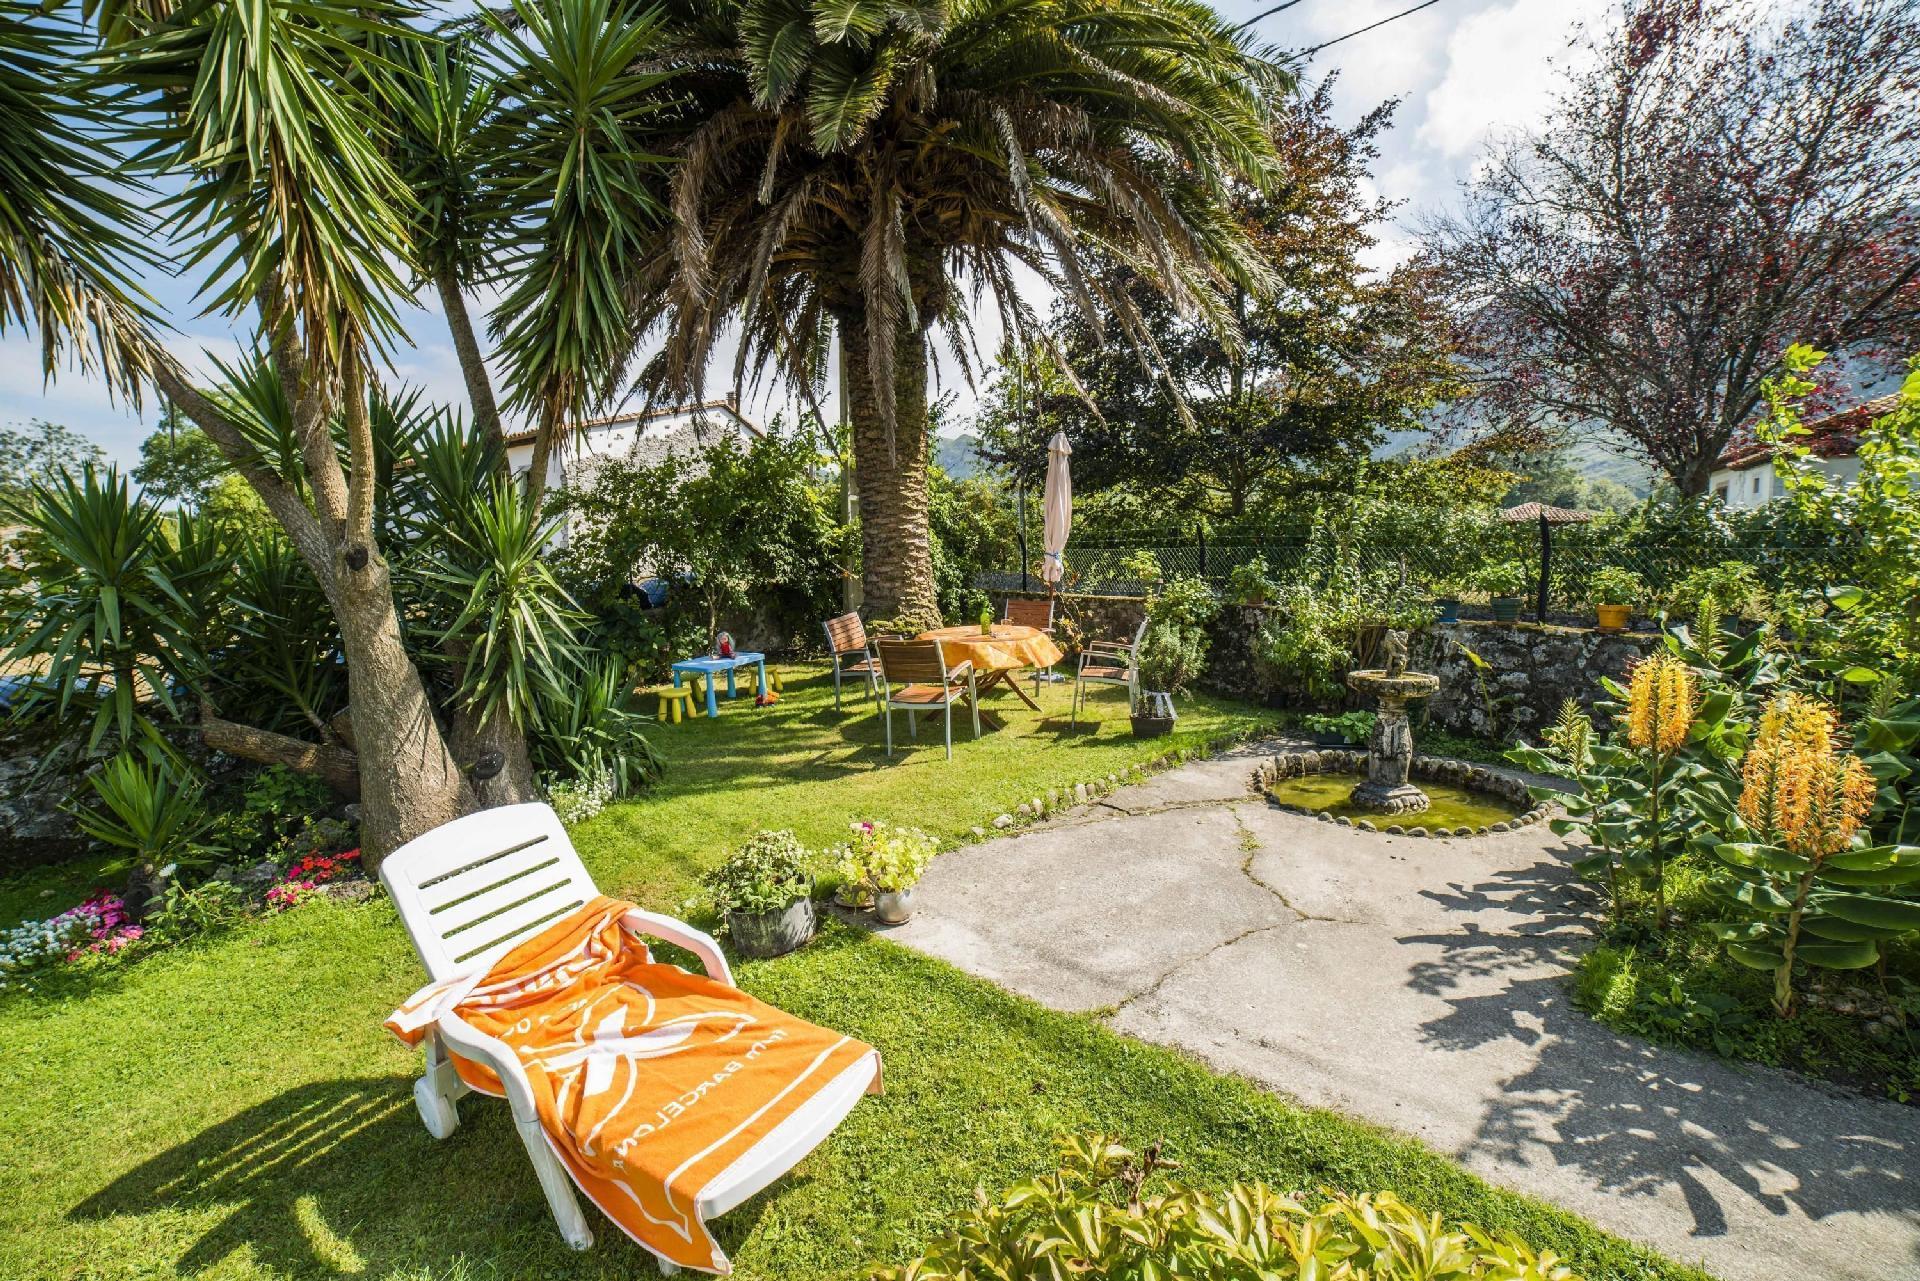 Ferienhaus für 6 Personen ca. 120 m² in    Costa Verde